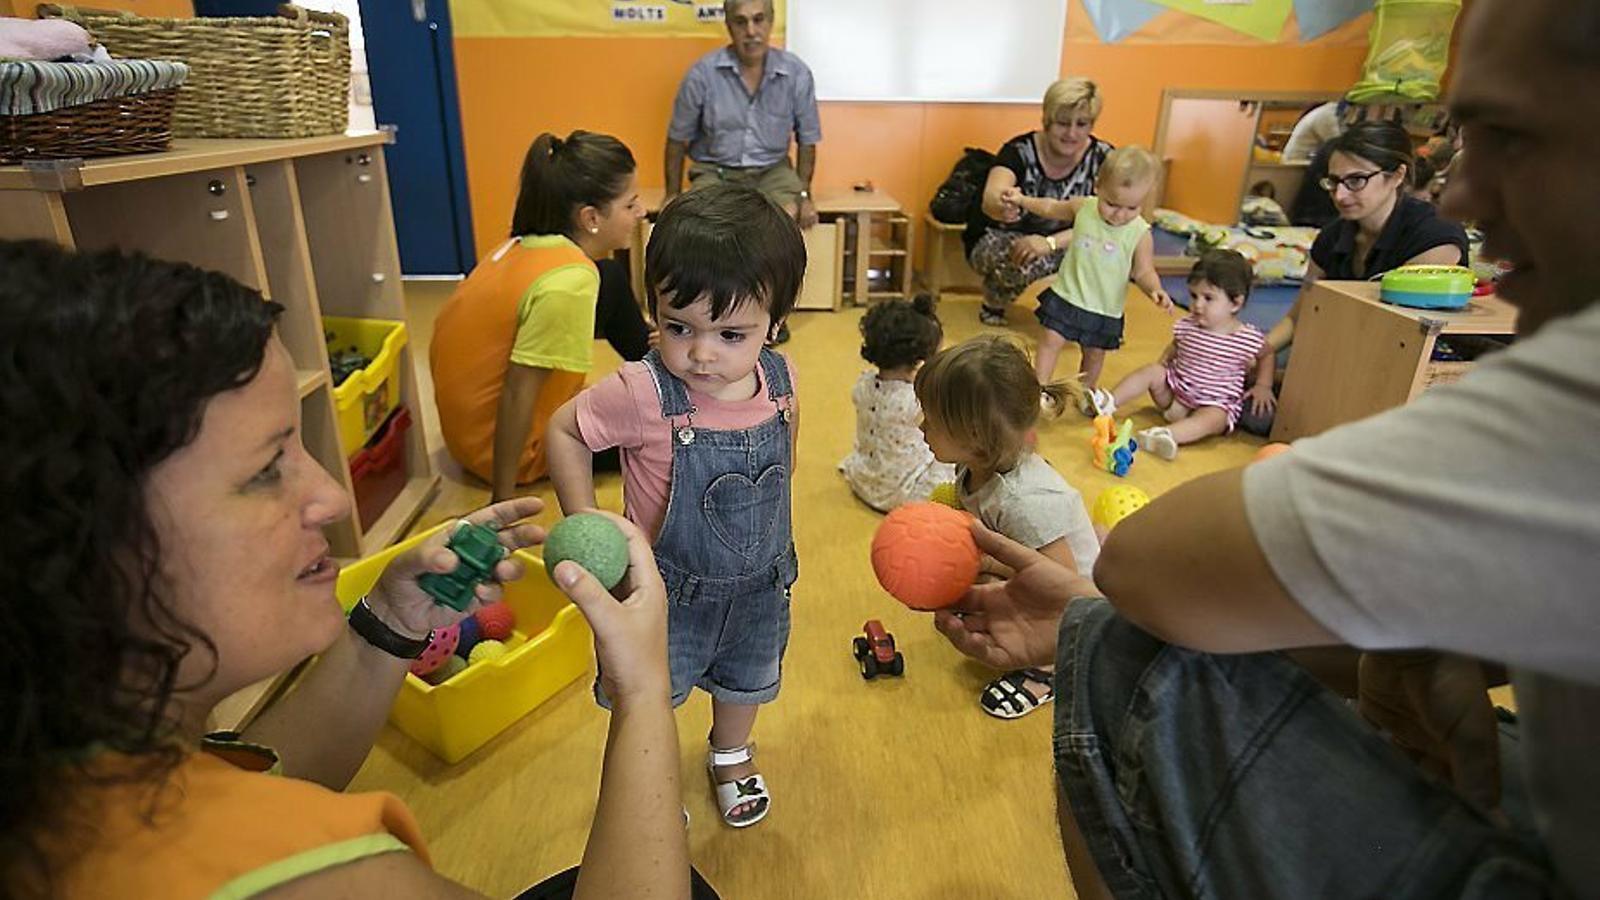 El Patronat d'Escoles Infantils de Palma contractarà personal de suport per atendre nins amb necessitats educatives especials